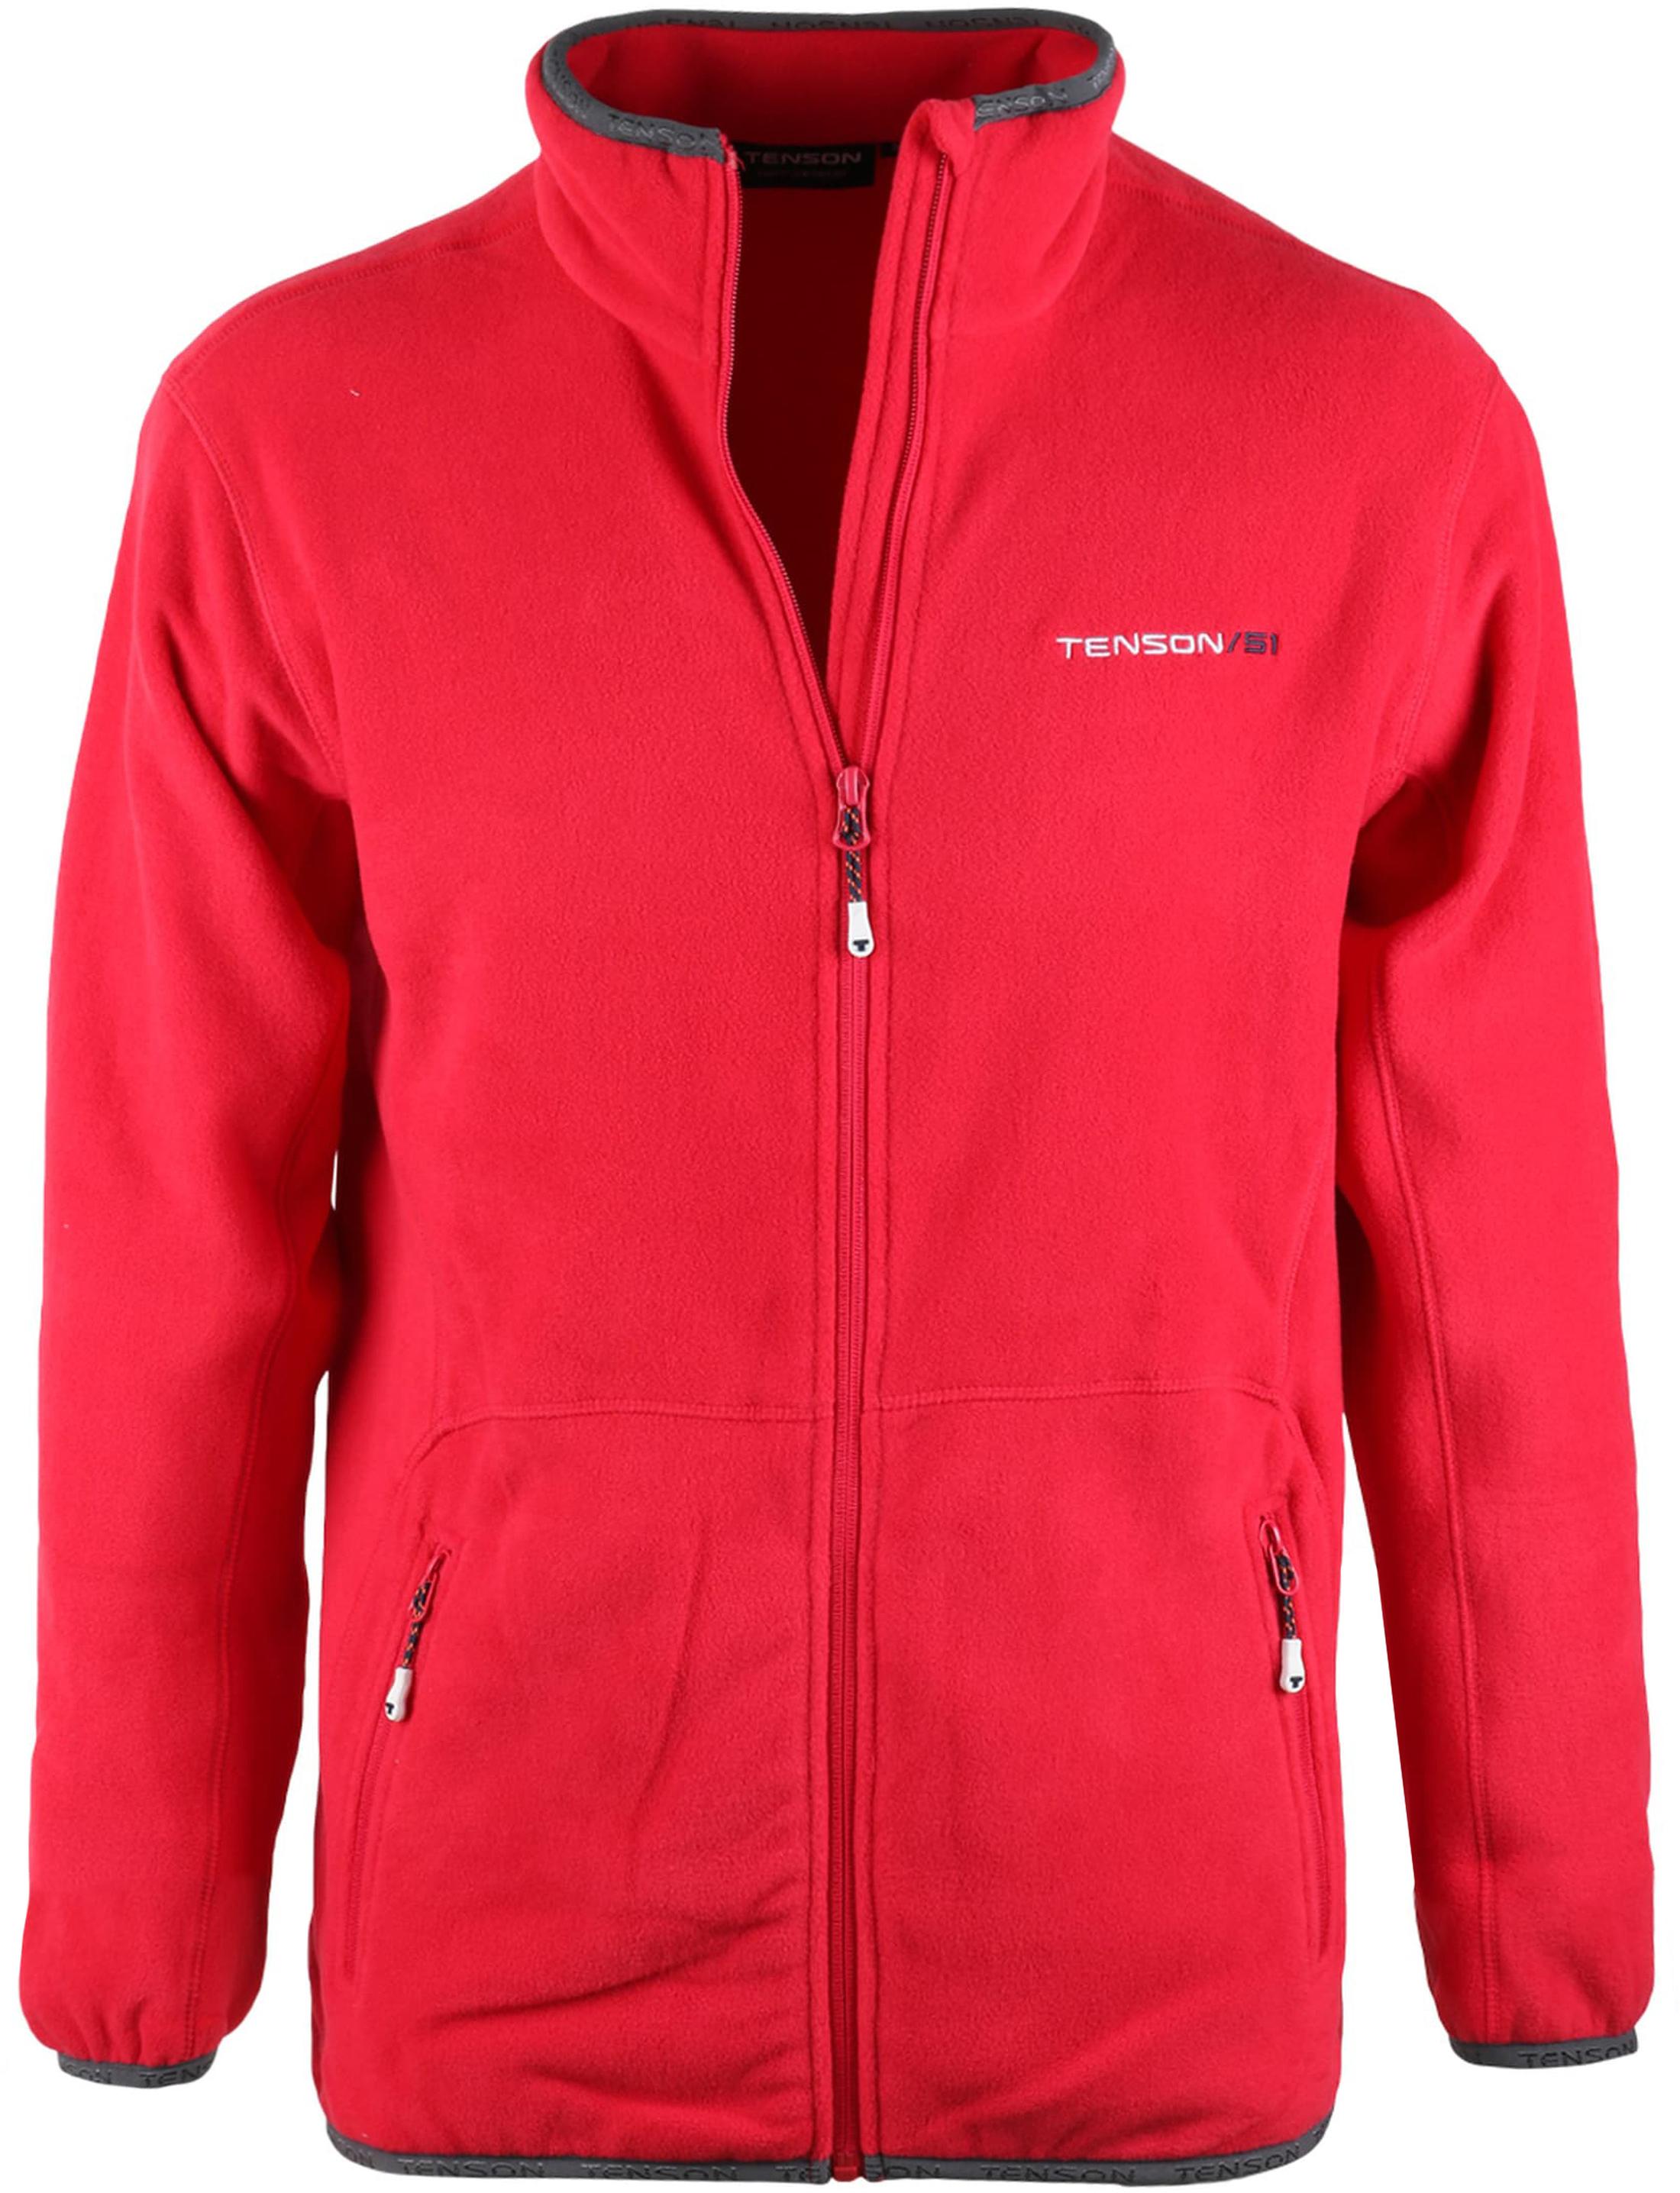 schattig goedkoop mannen / man nu kopen Tenson Fleece Vest Miller Rood 2752950-038